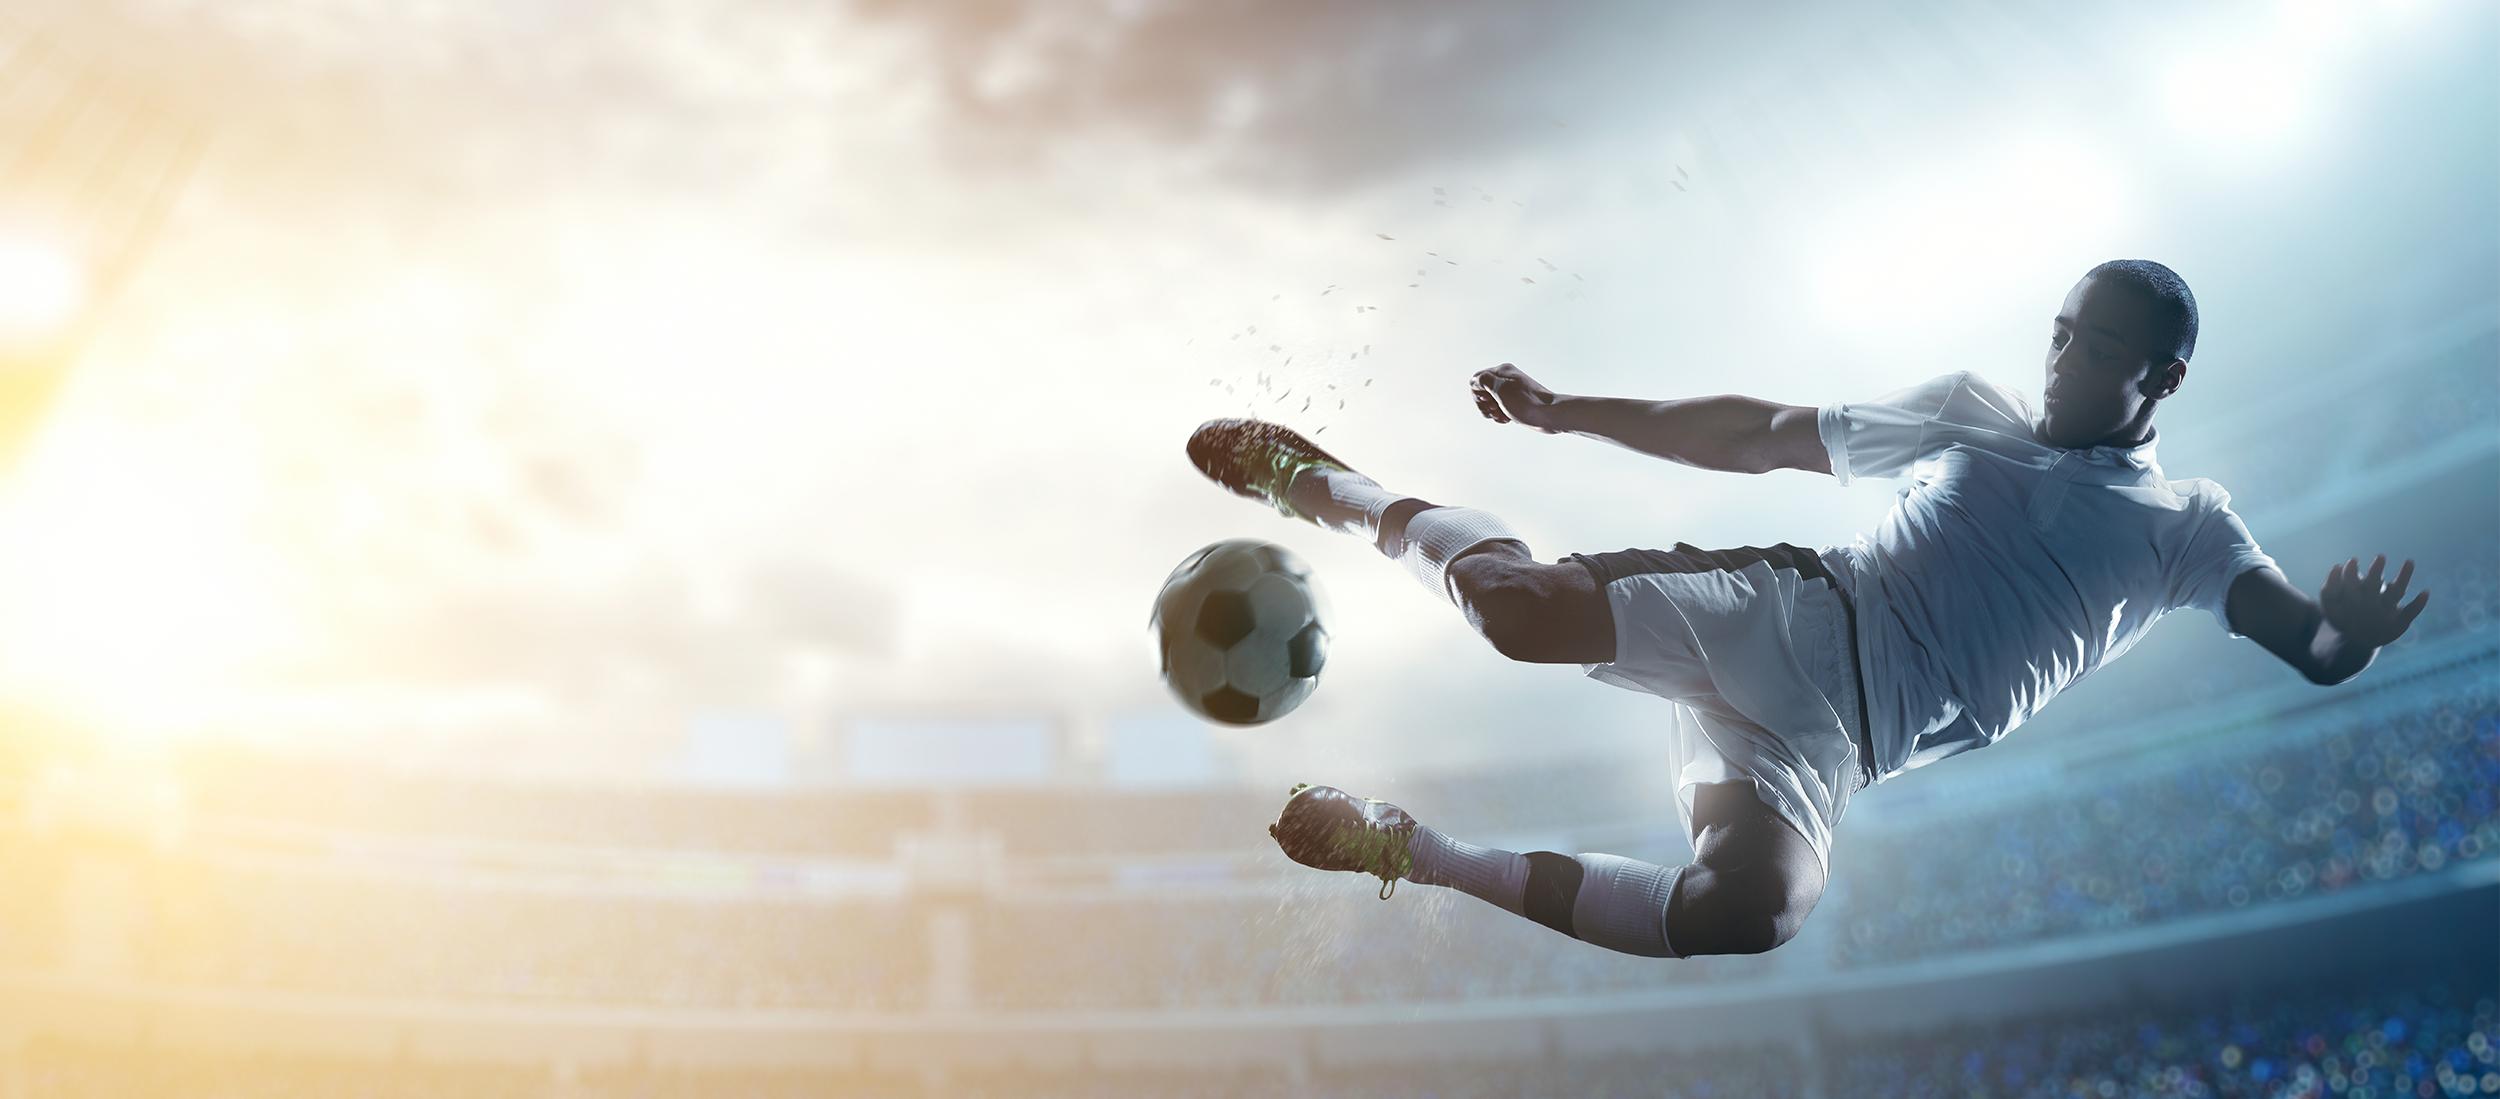 soccer_header.png